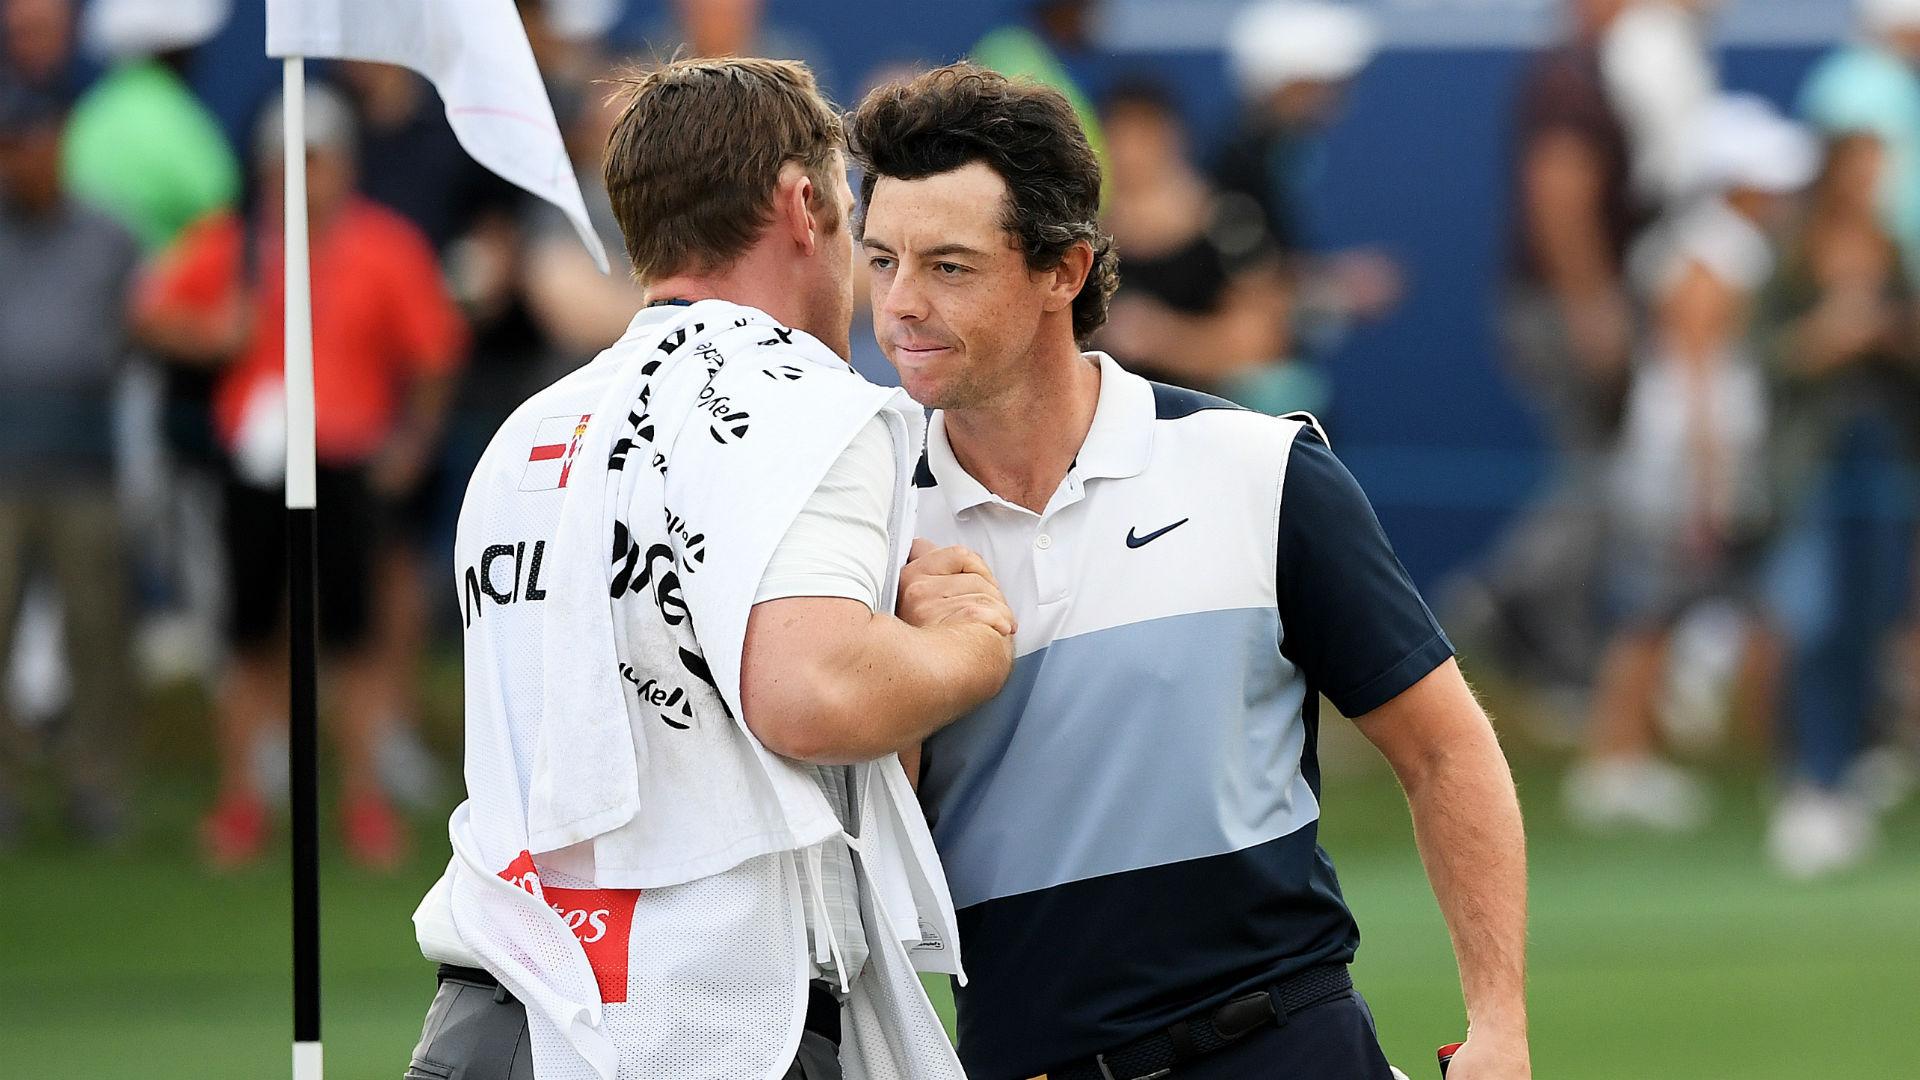 McIlroy looms large as Lorenzo-Vera leads in Dubai